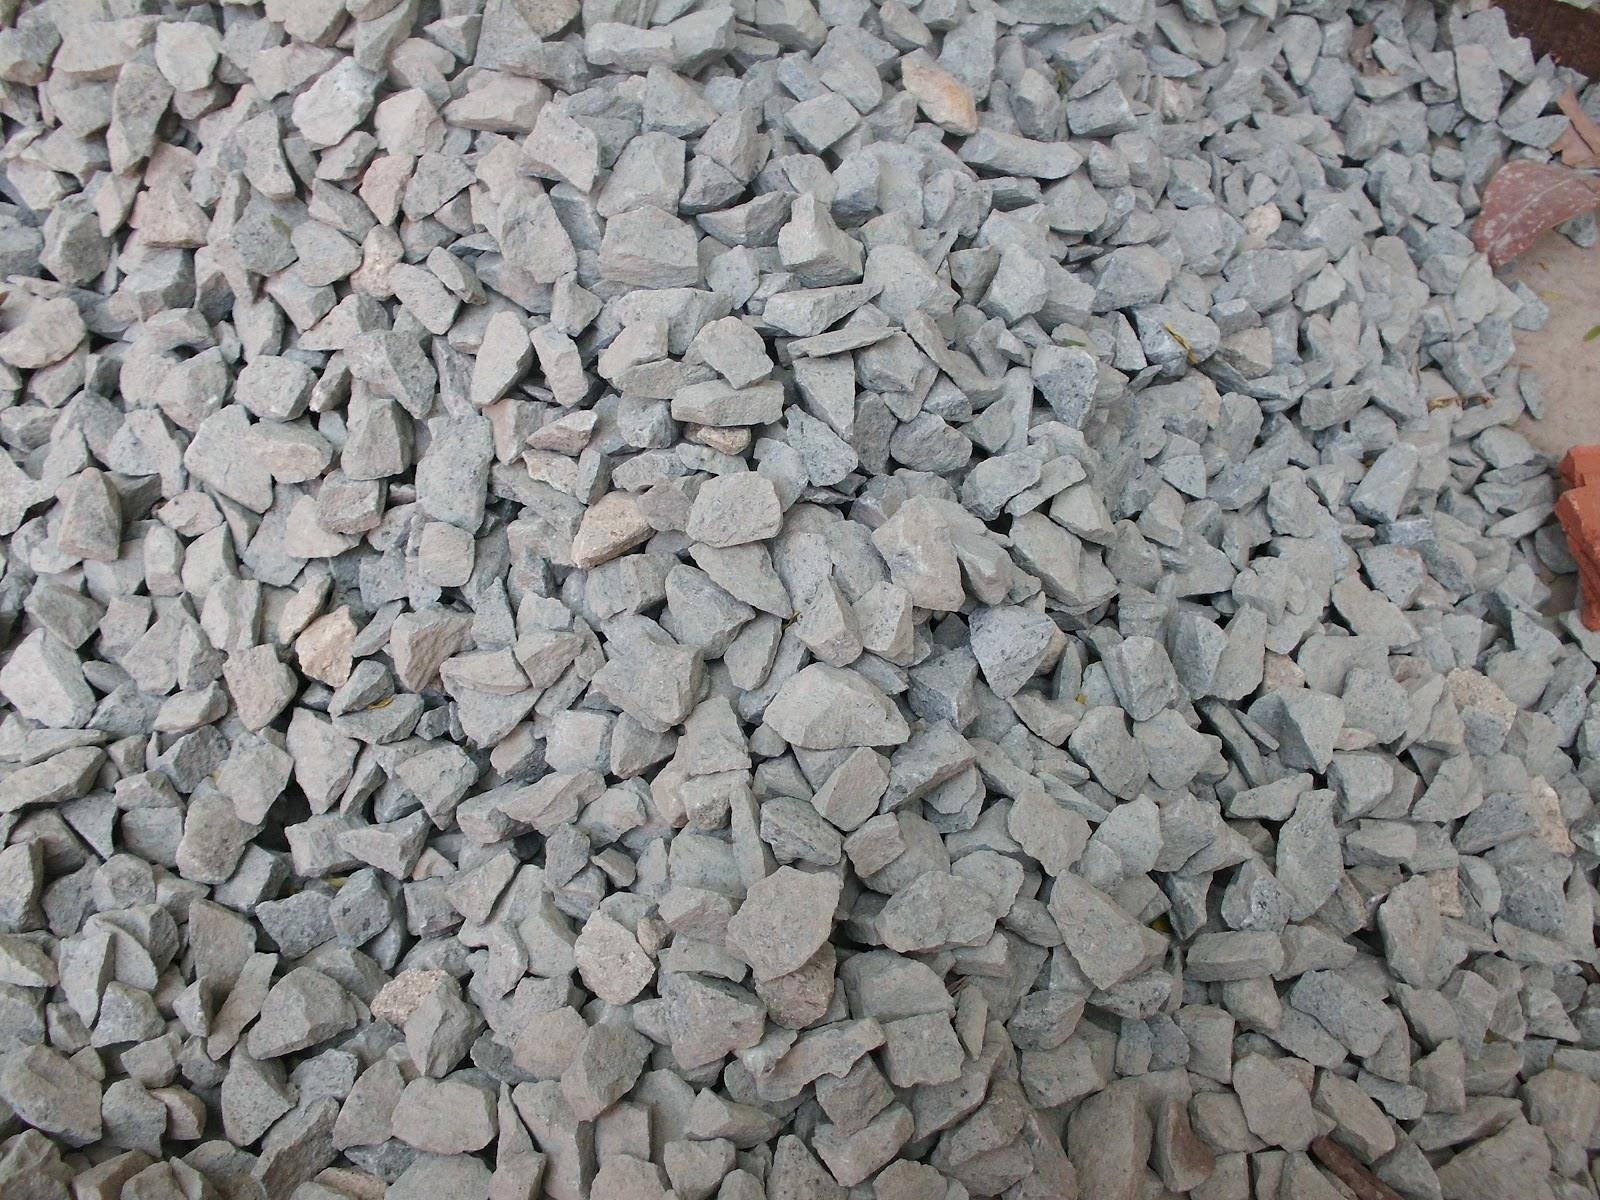 Jual Batu Alam Surabaya Murah Terlengkap Langsung Dari Distributor Templek Koral Split